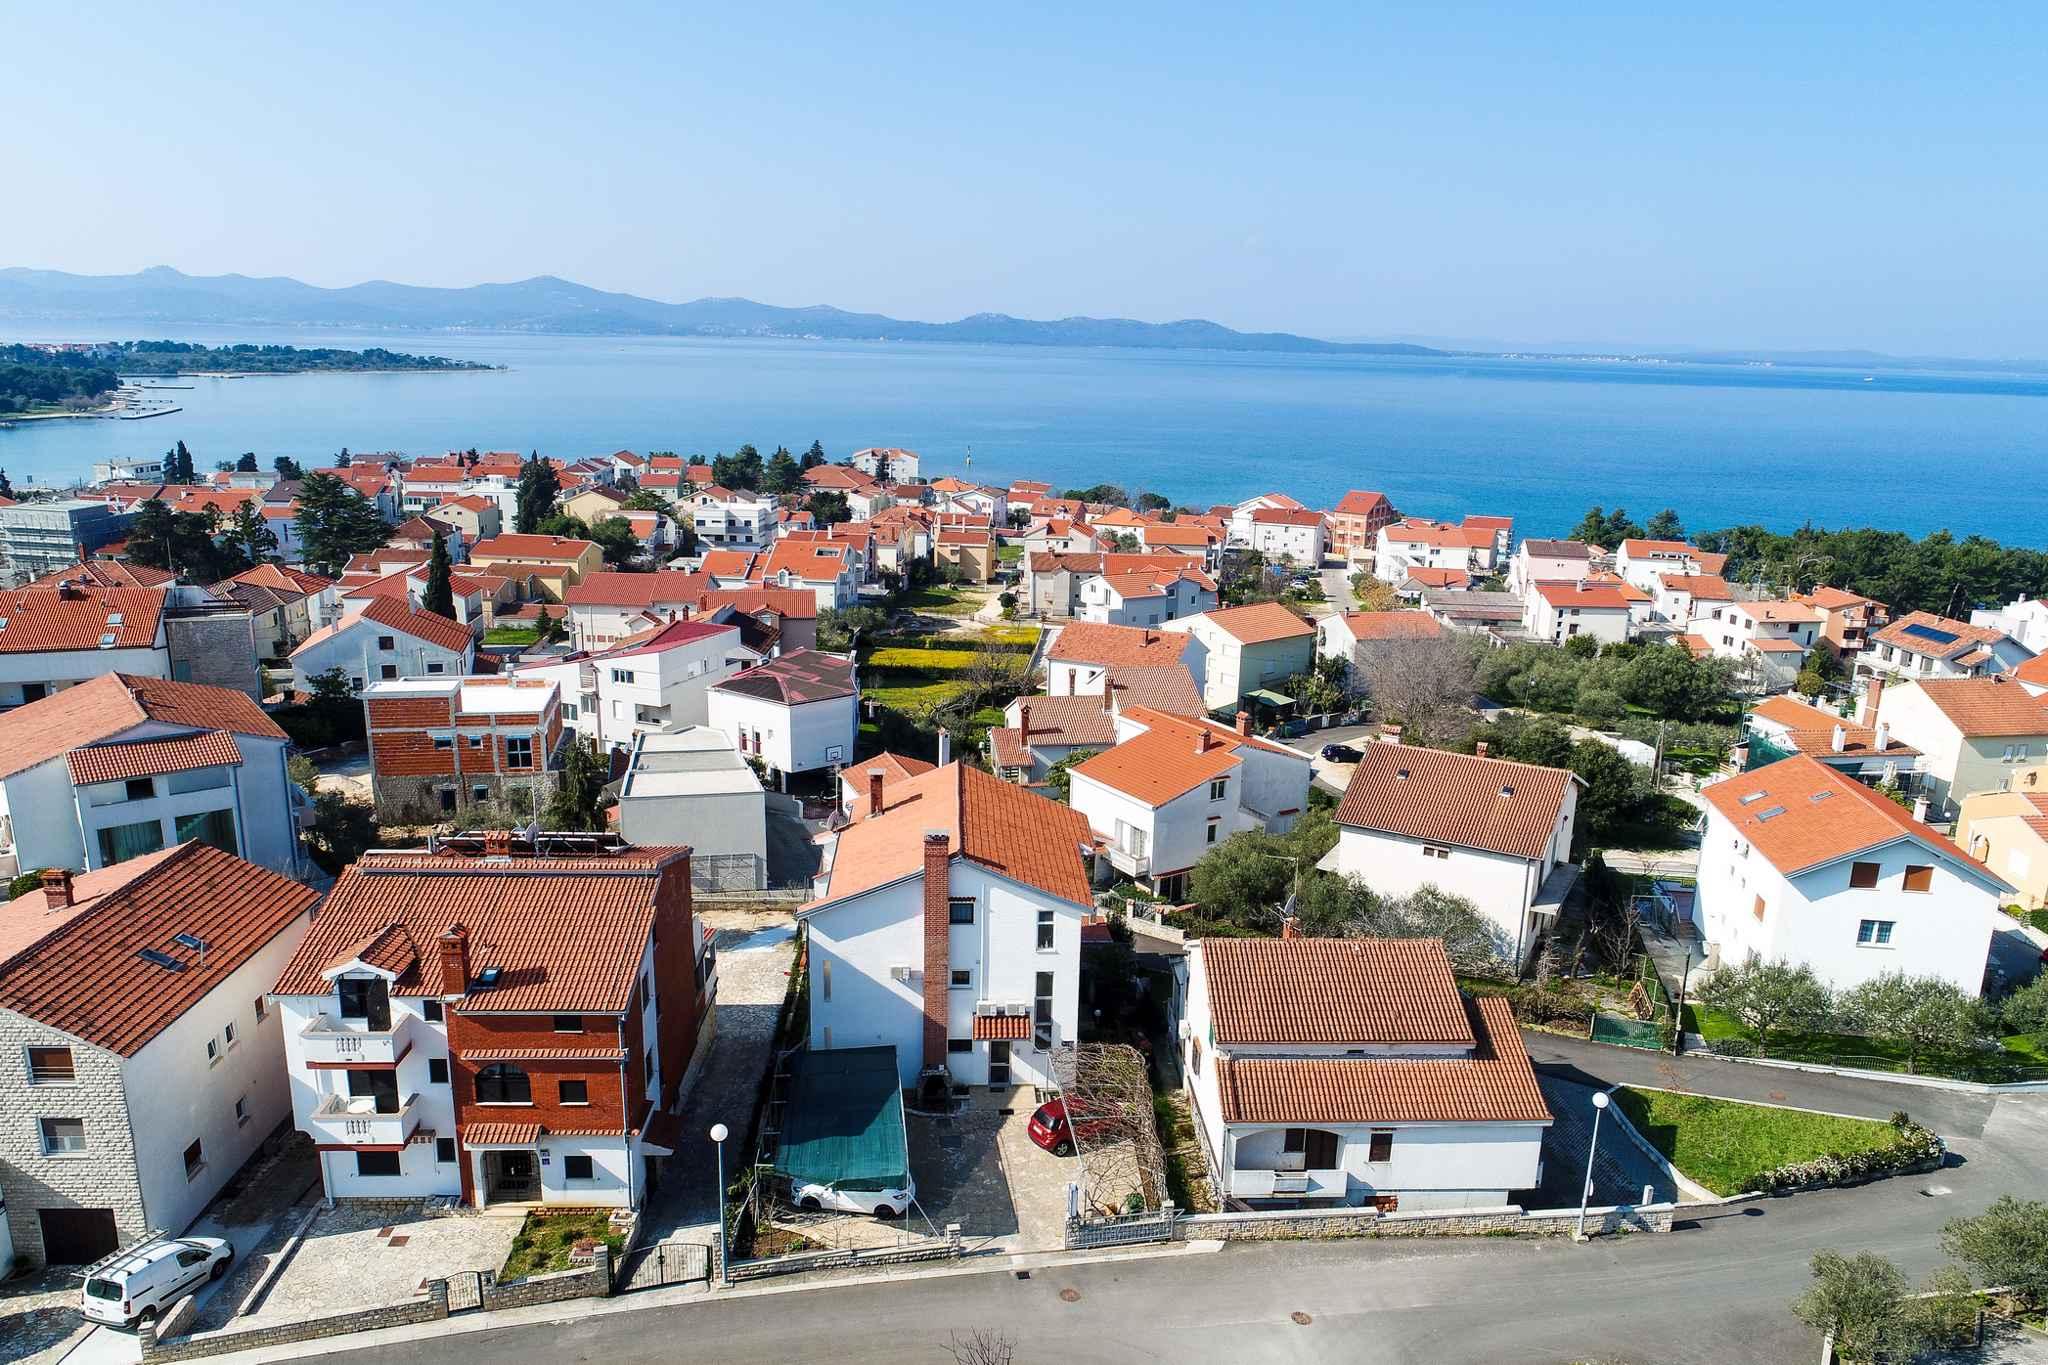 Ferienwohnung mit Meerblick (278910), Zadar, , Dalmatien, Kroatien, Bild 3